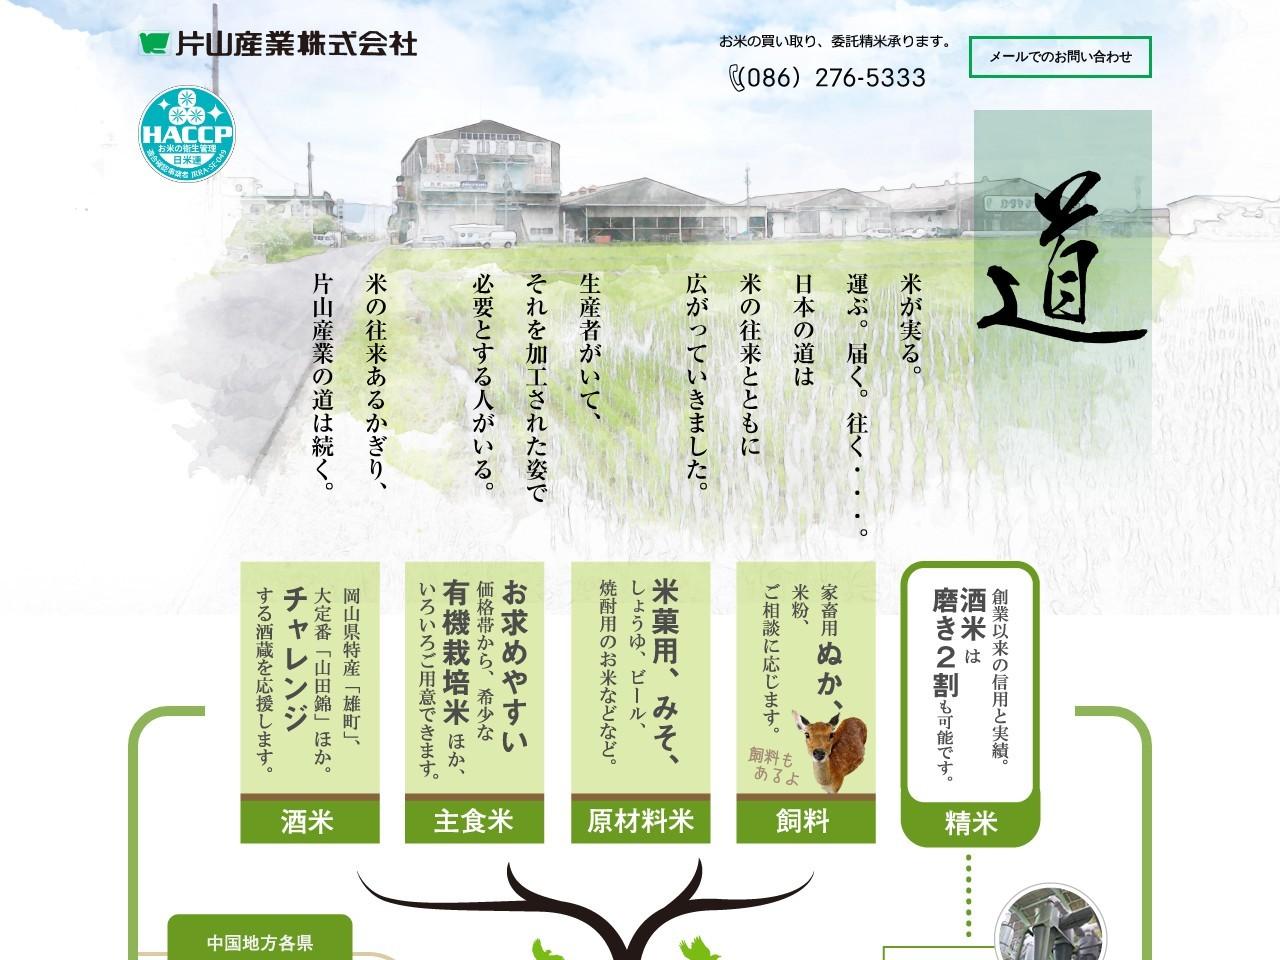 片山産業株式会社